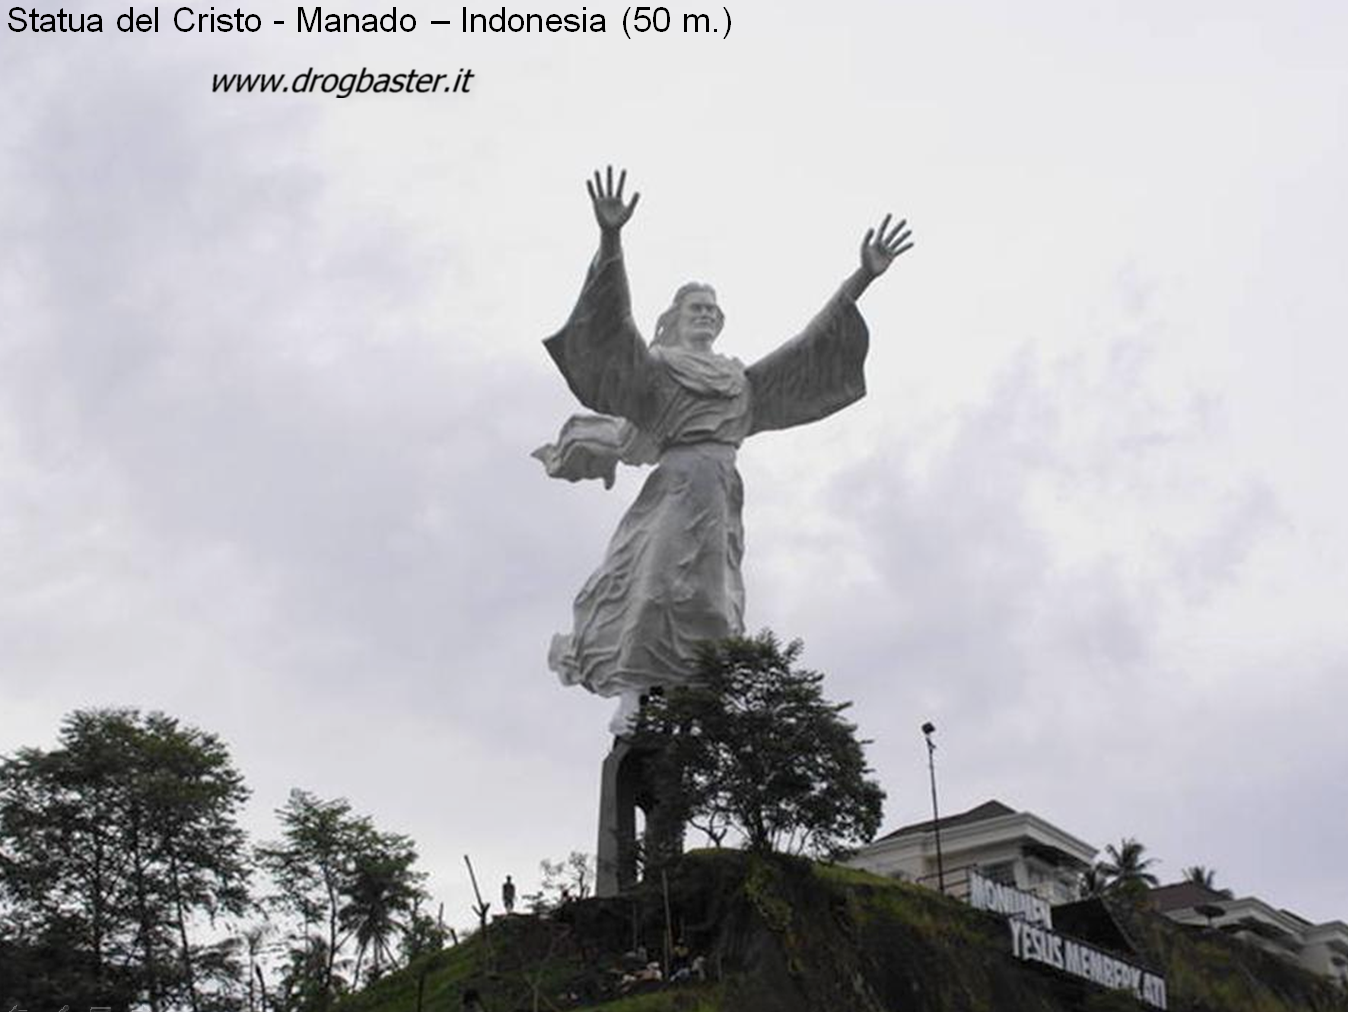 statua pi alta del mondo lista delle statue del mondo